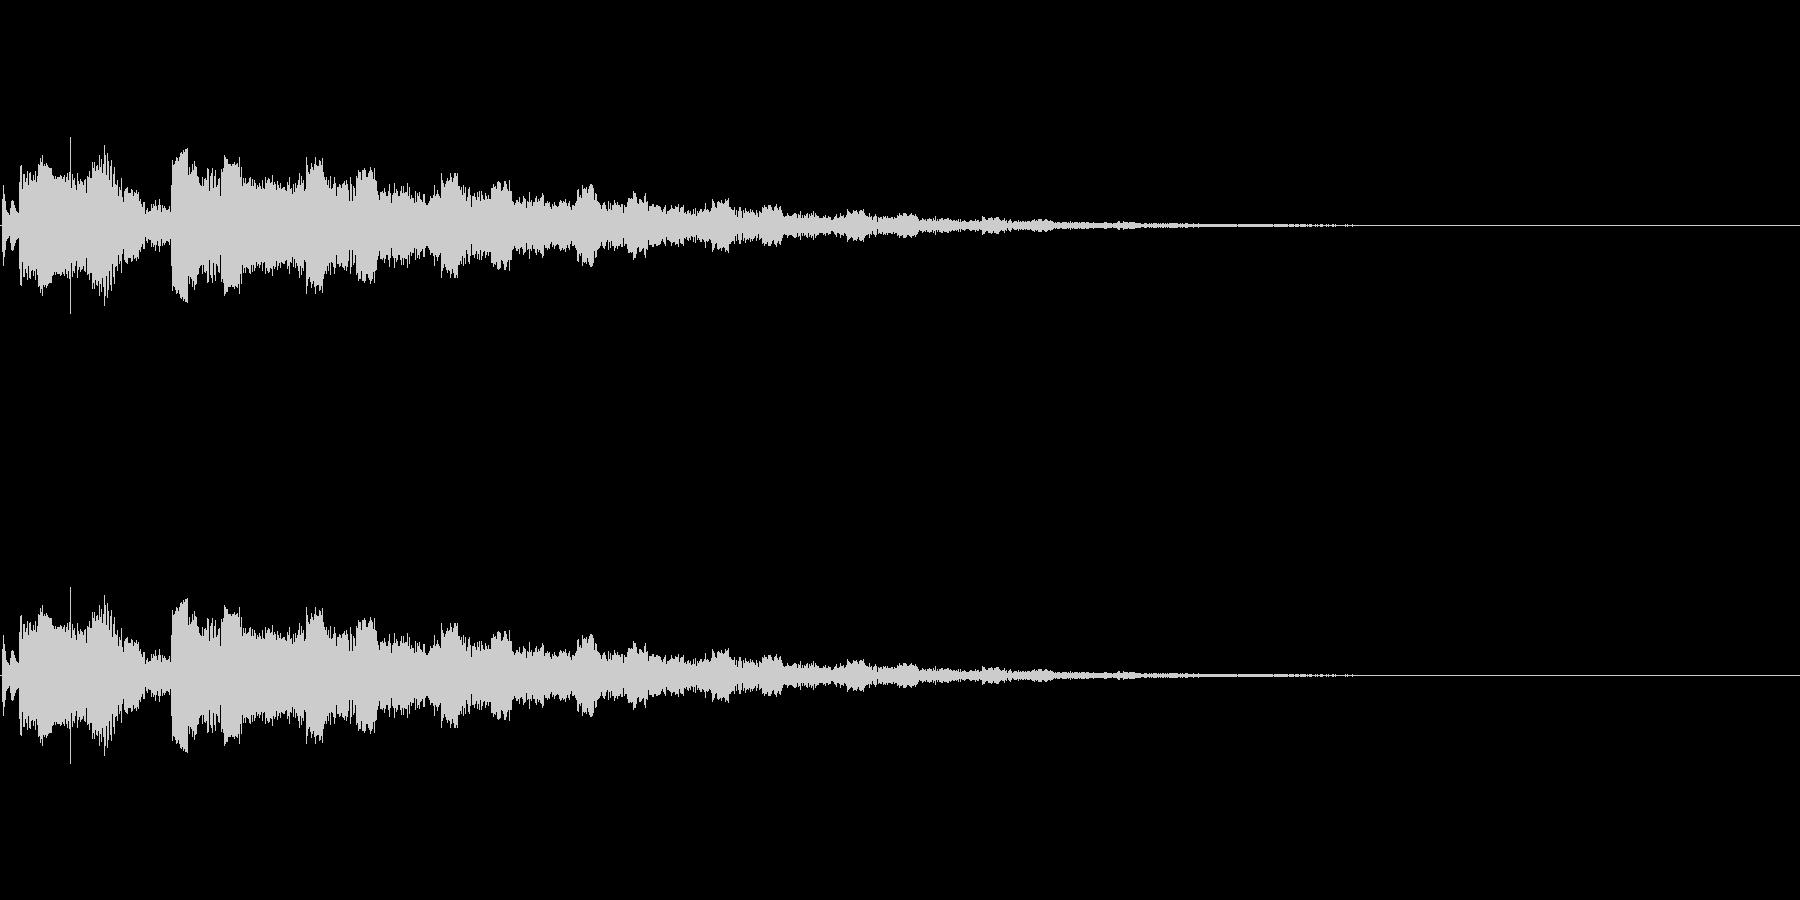 【SE 効果音】PC的な音2の未再生の波形